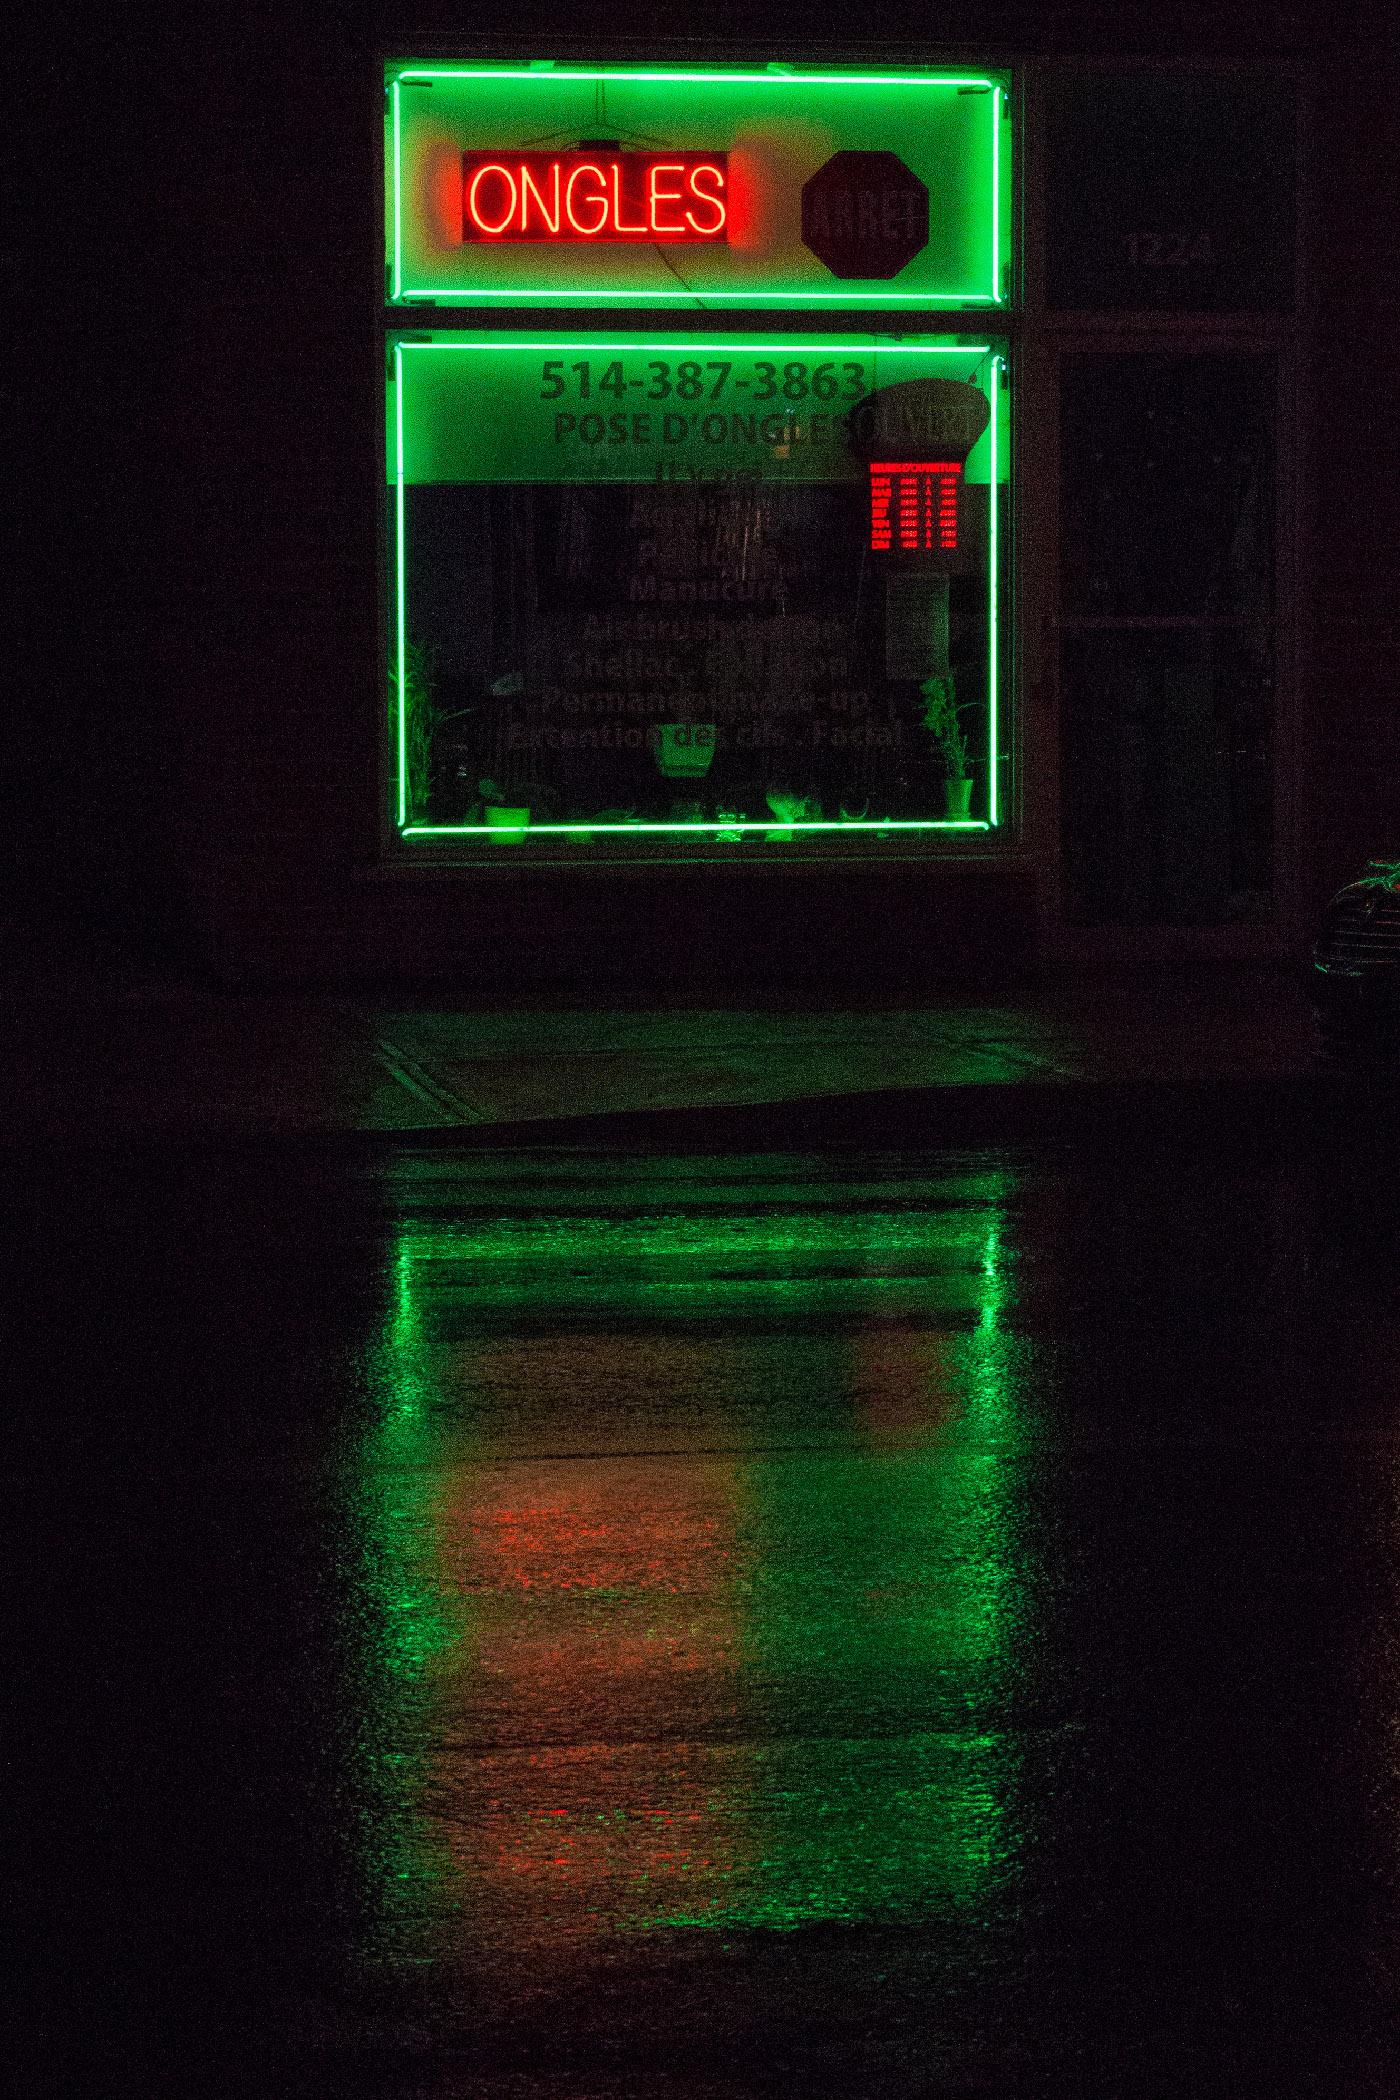 Ongles sous la pluie, Promenade Fleury.